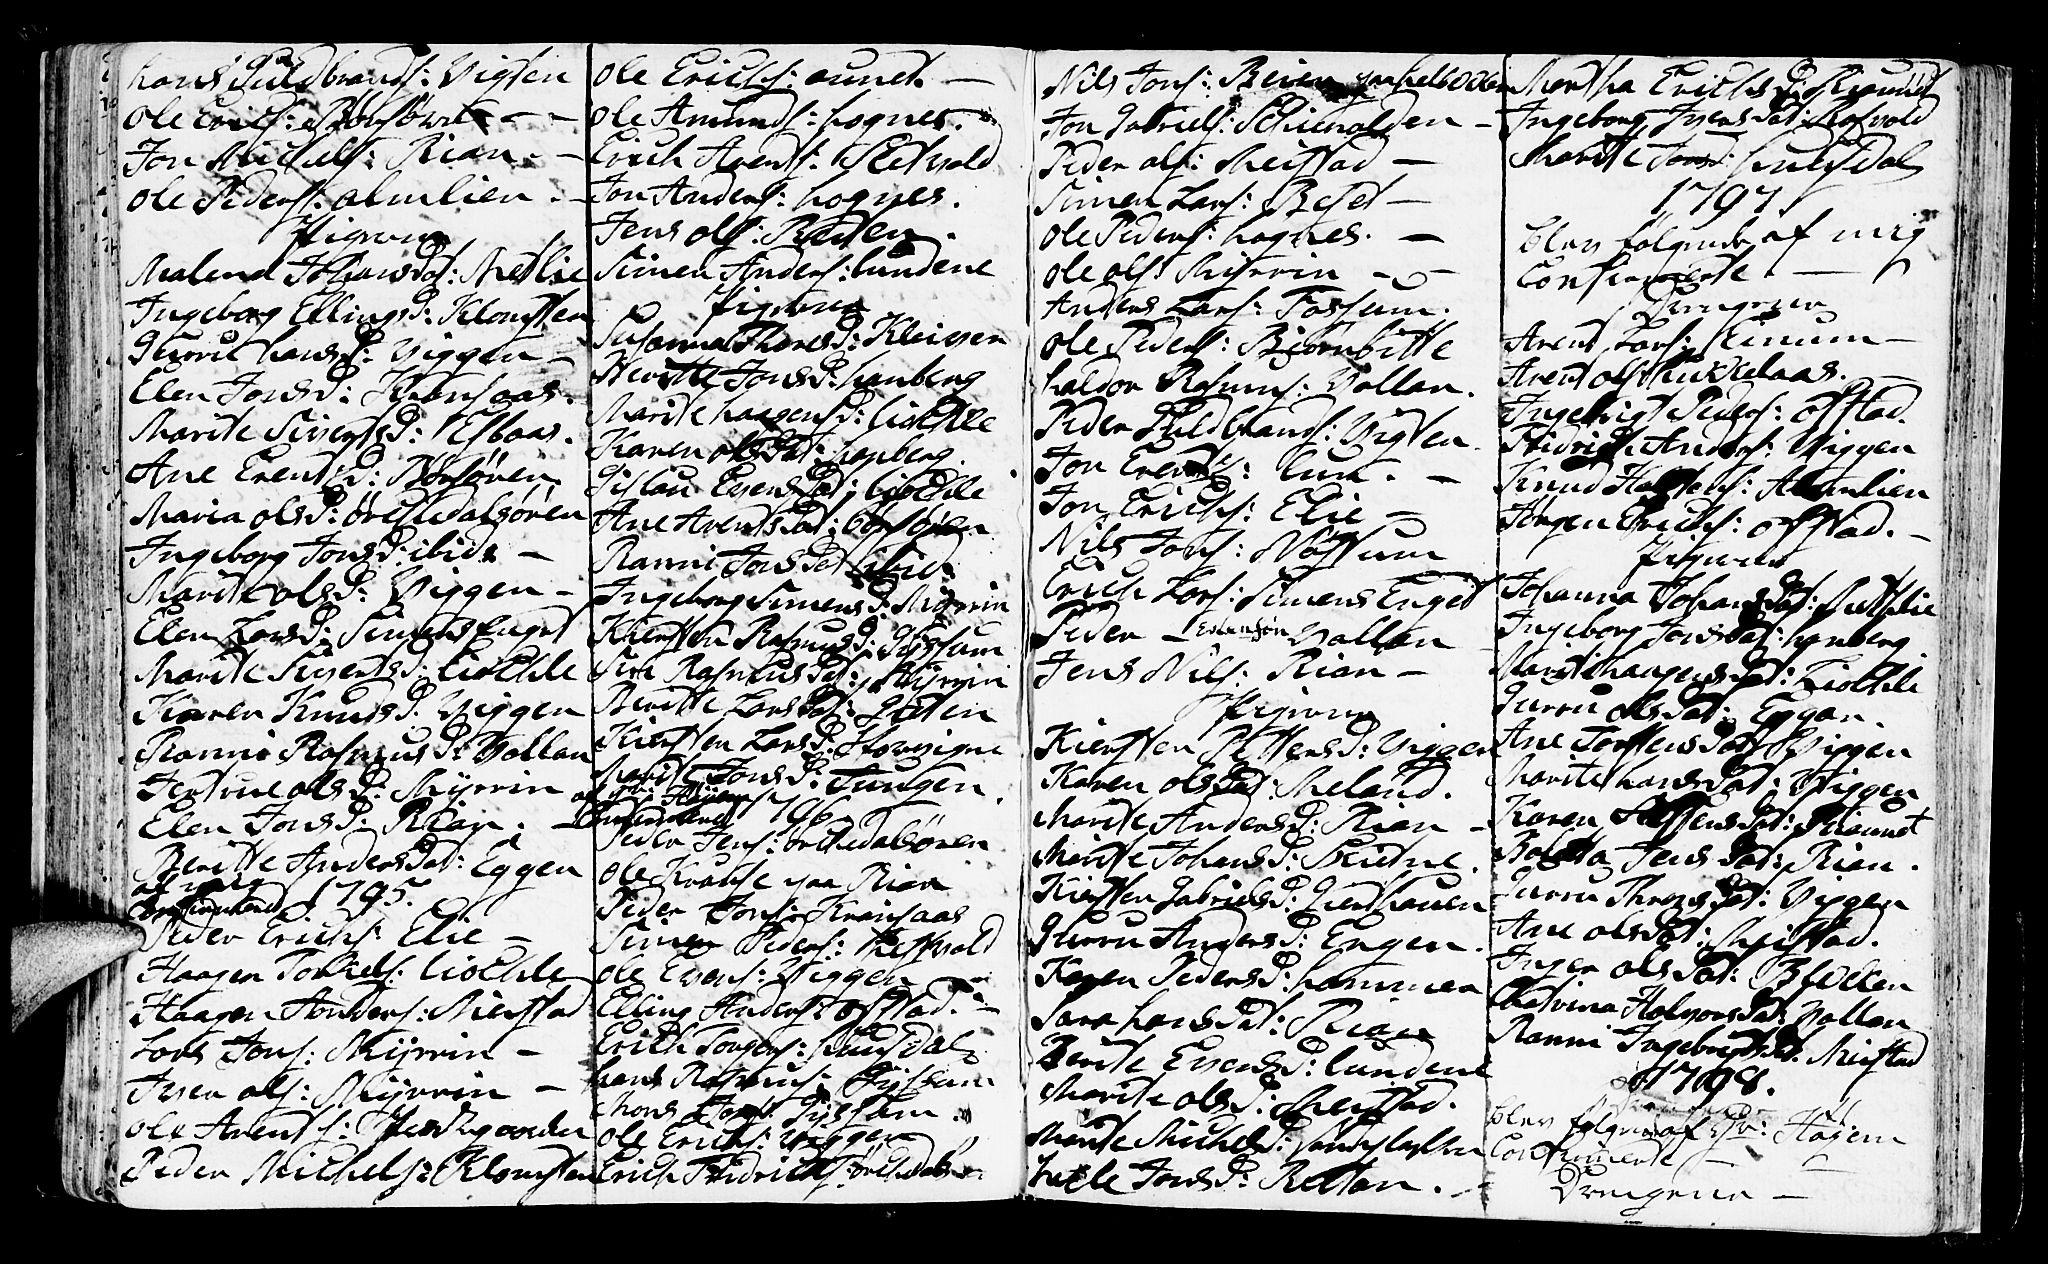 SAT, Ministerialprotokoller, klokkerbøker og fødselsregistre - Sør-Trøndelag, 665/L0768: Ministerialbok nr. 665A03, 1754-1803, s. 118